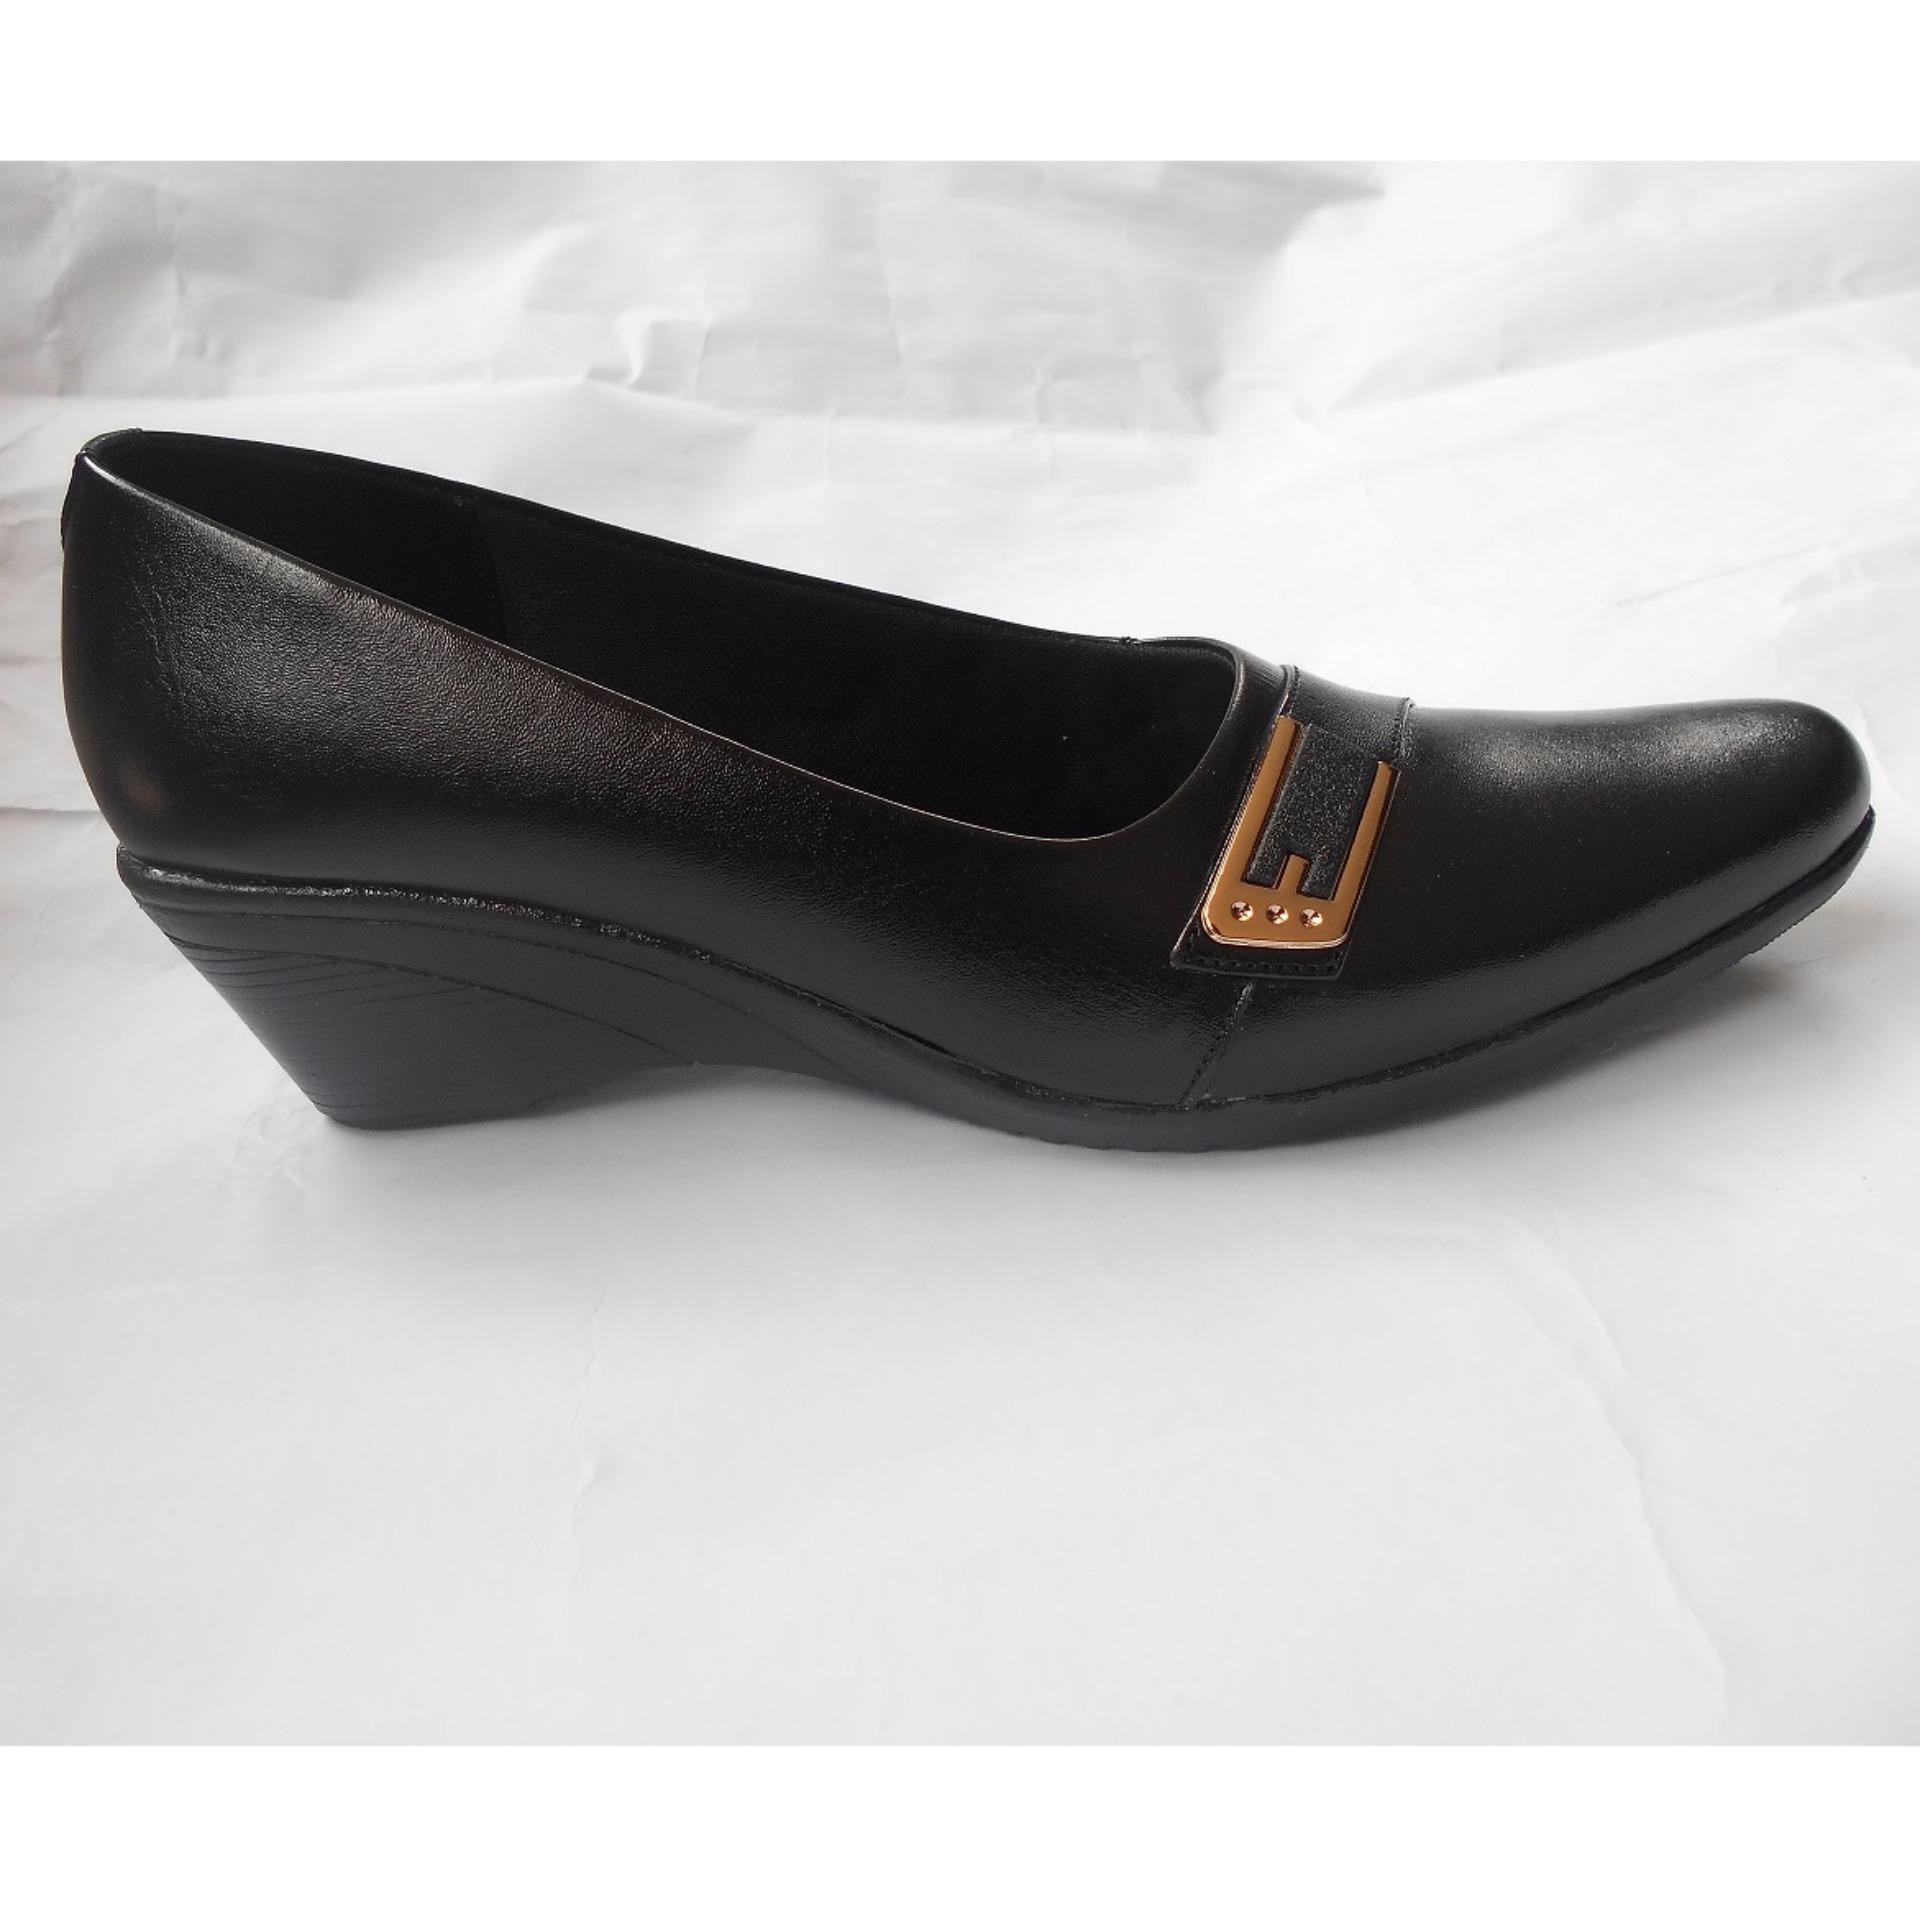 2016 Baru Lapisan Kepala Sapi Murni Buatan Tangan Pergelangan Kaki Sepatu Boots Wanita E Pb34 Kerja Kulit Hitam